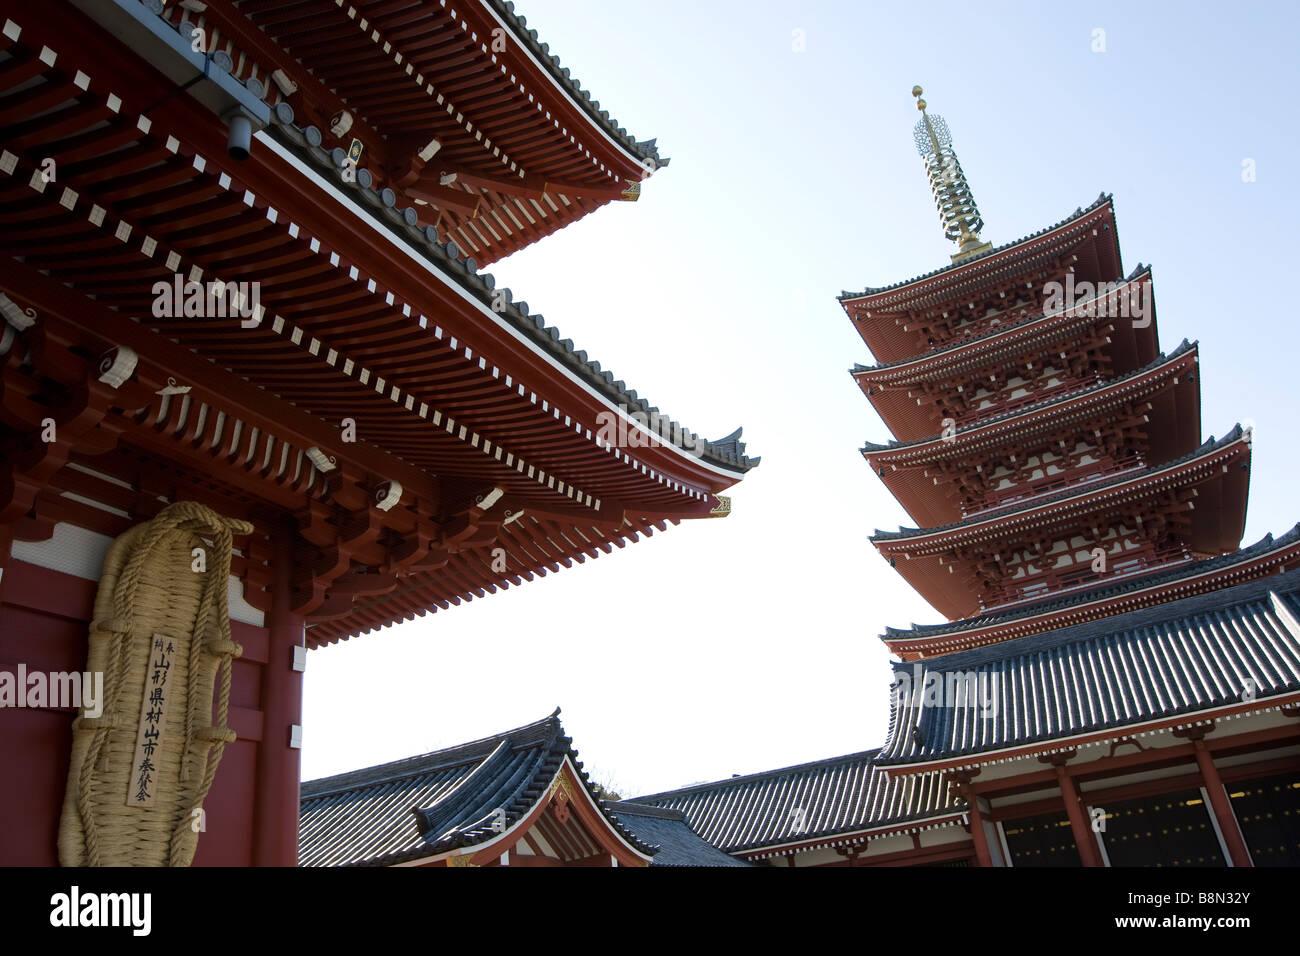 Architettura del senso ji e la pagoda nel quartiere di Asakusa Tokyo Giappone Lunedì 3 Marzo 2009 Foto Stock